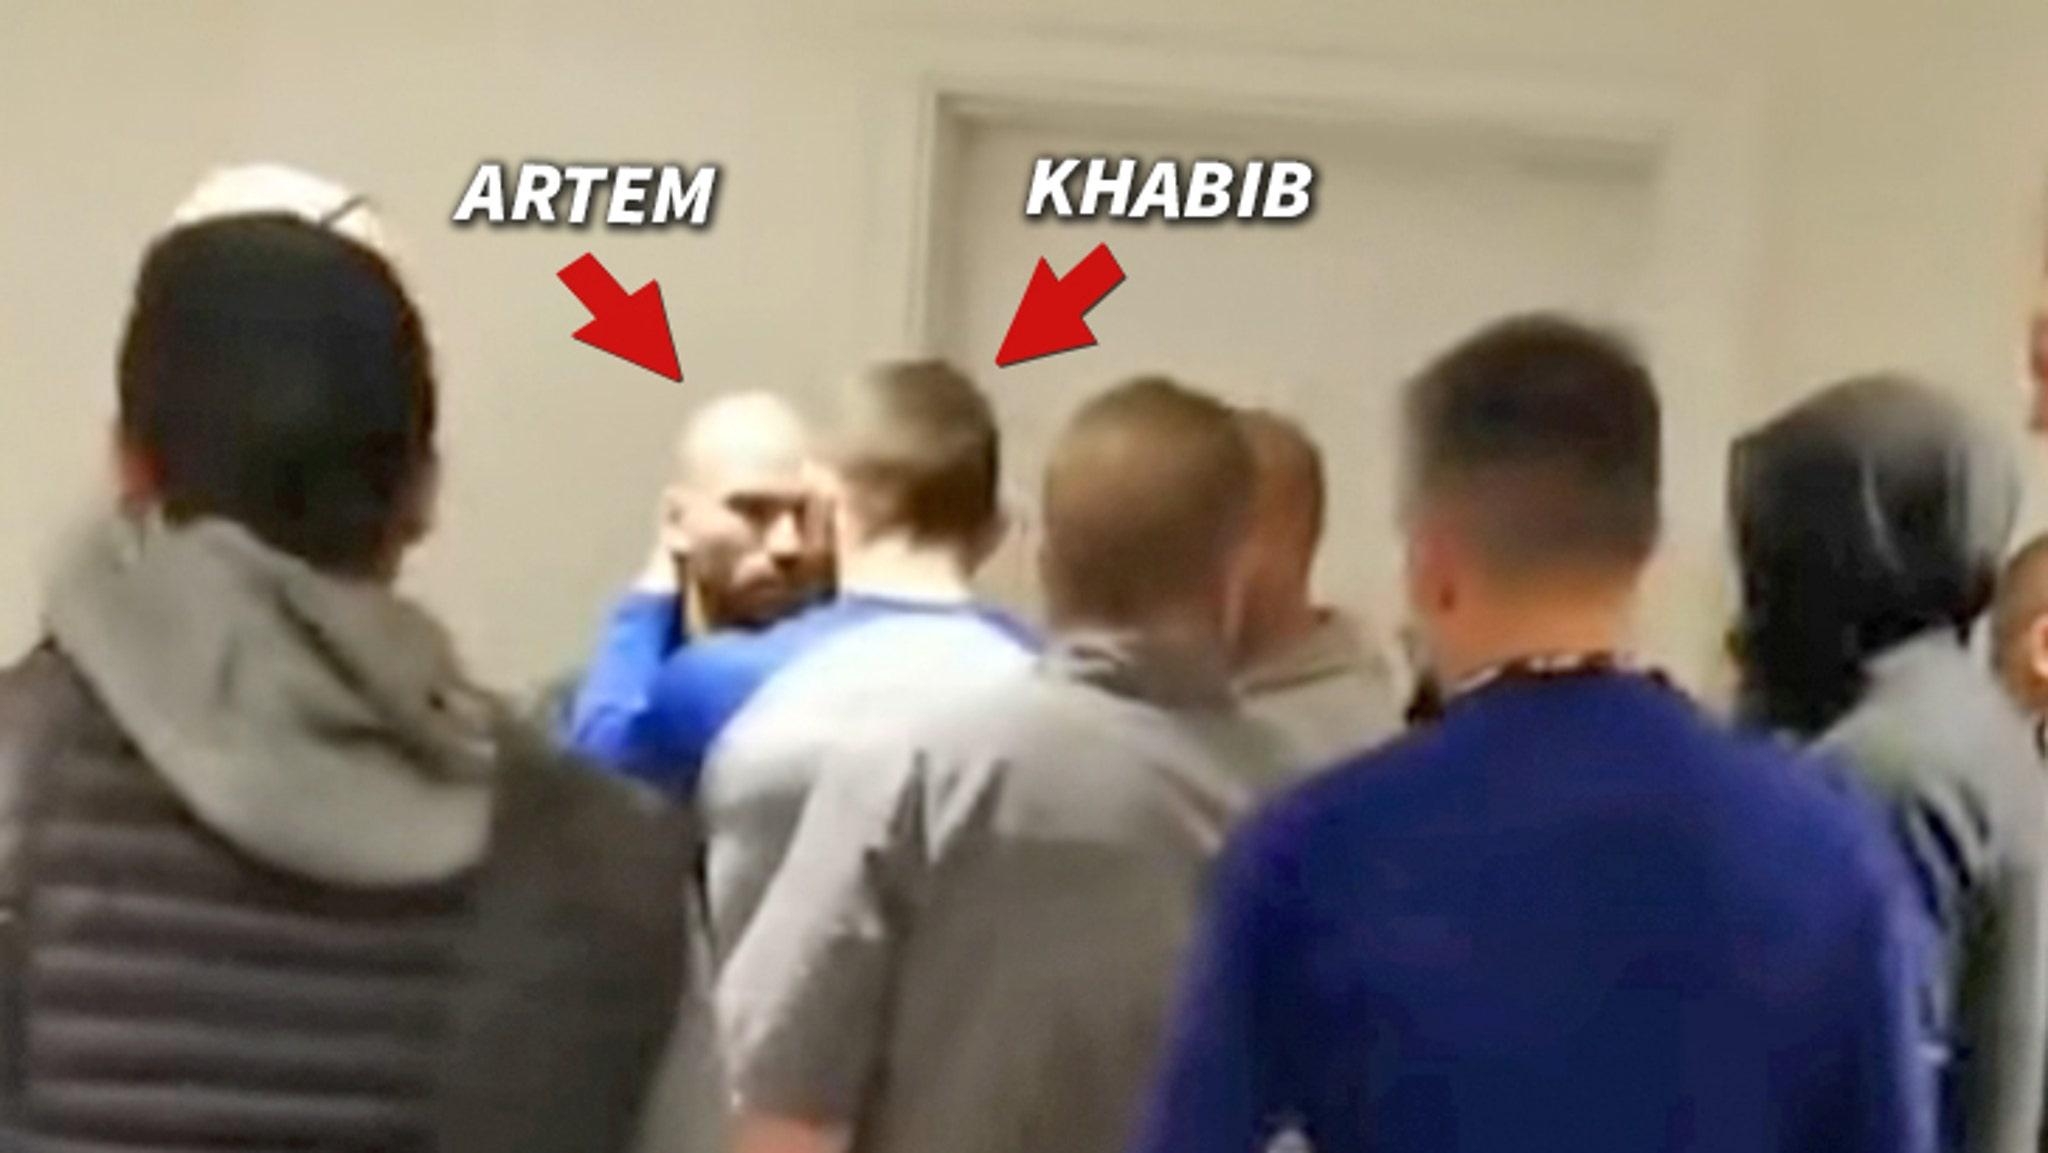 UFC's Khabib Nurmagomedov Confronts Conor McGregor's BFF in